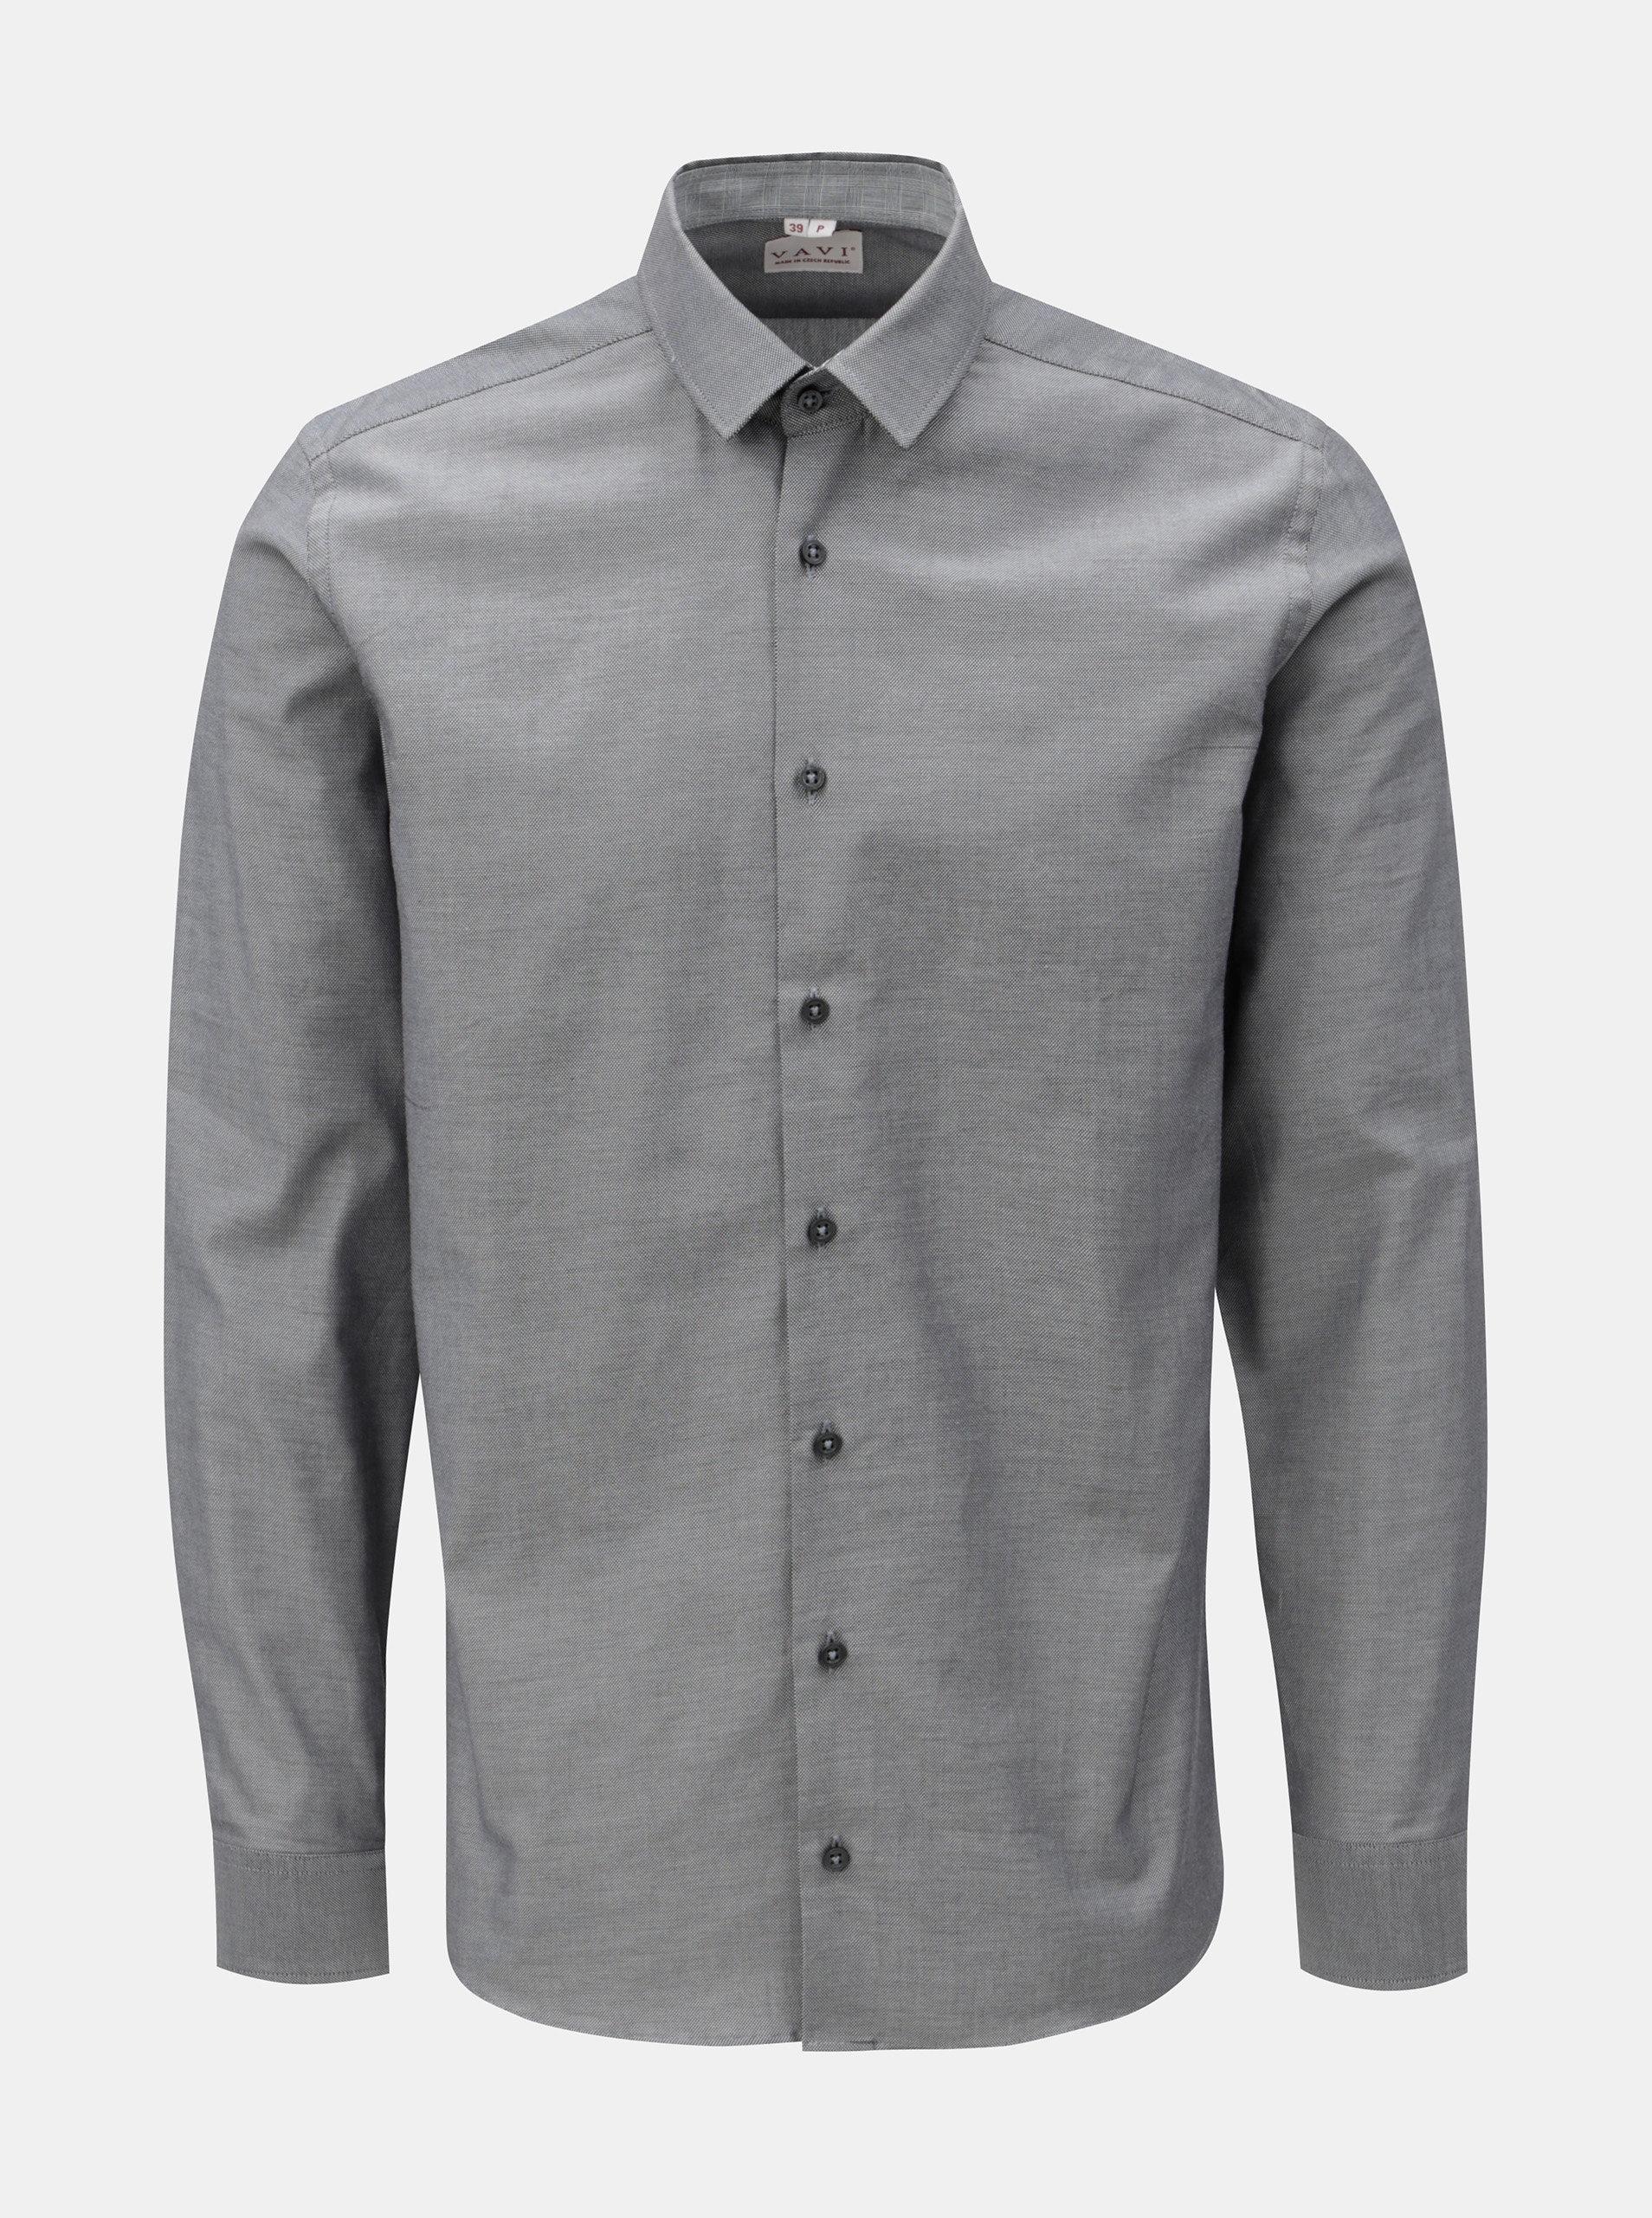 Sivá pánska košeľa so záplatami na lakťoch VAVI ... 3c54d4a45c5